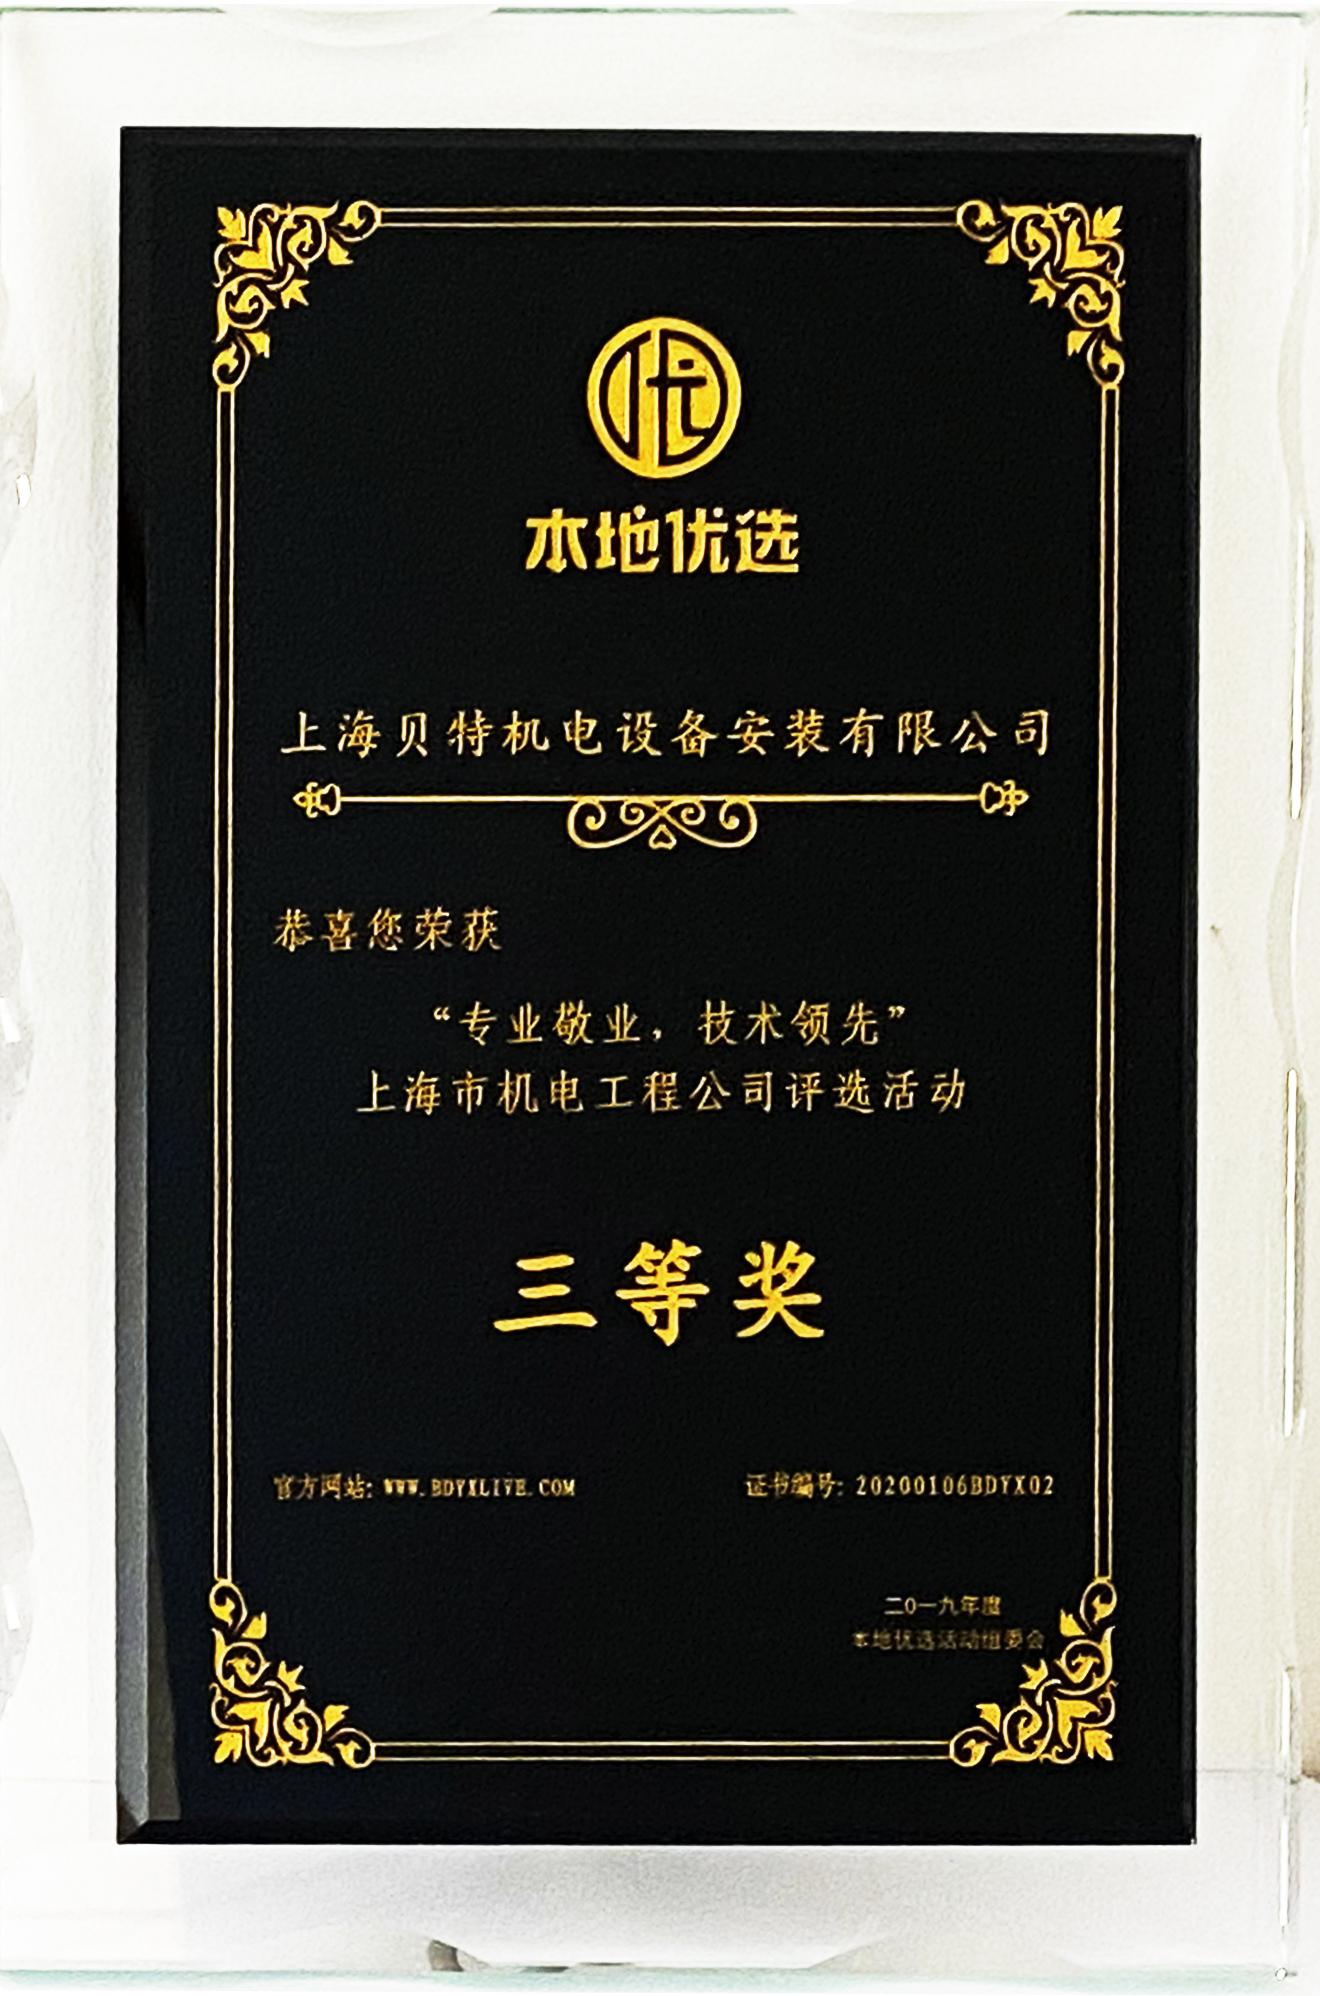 上海机电工程公司评选三等奖